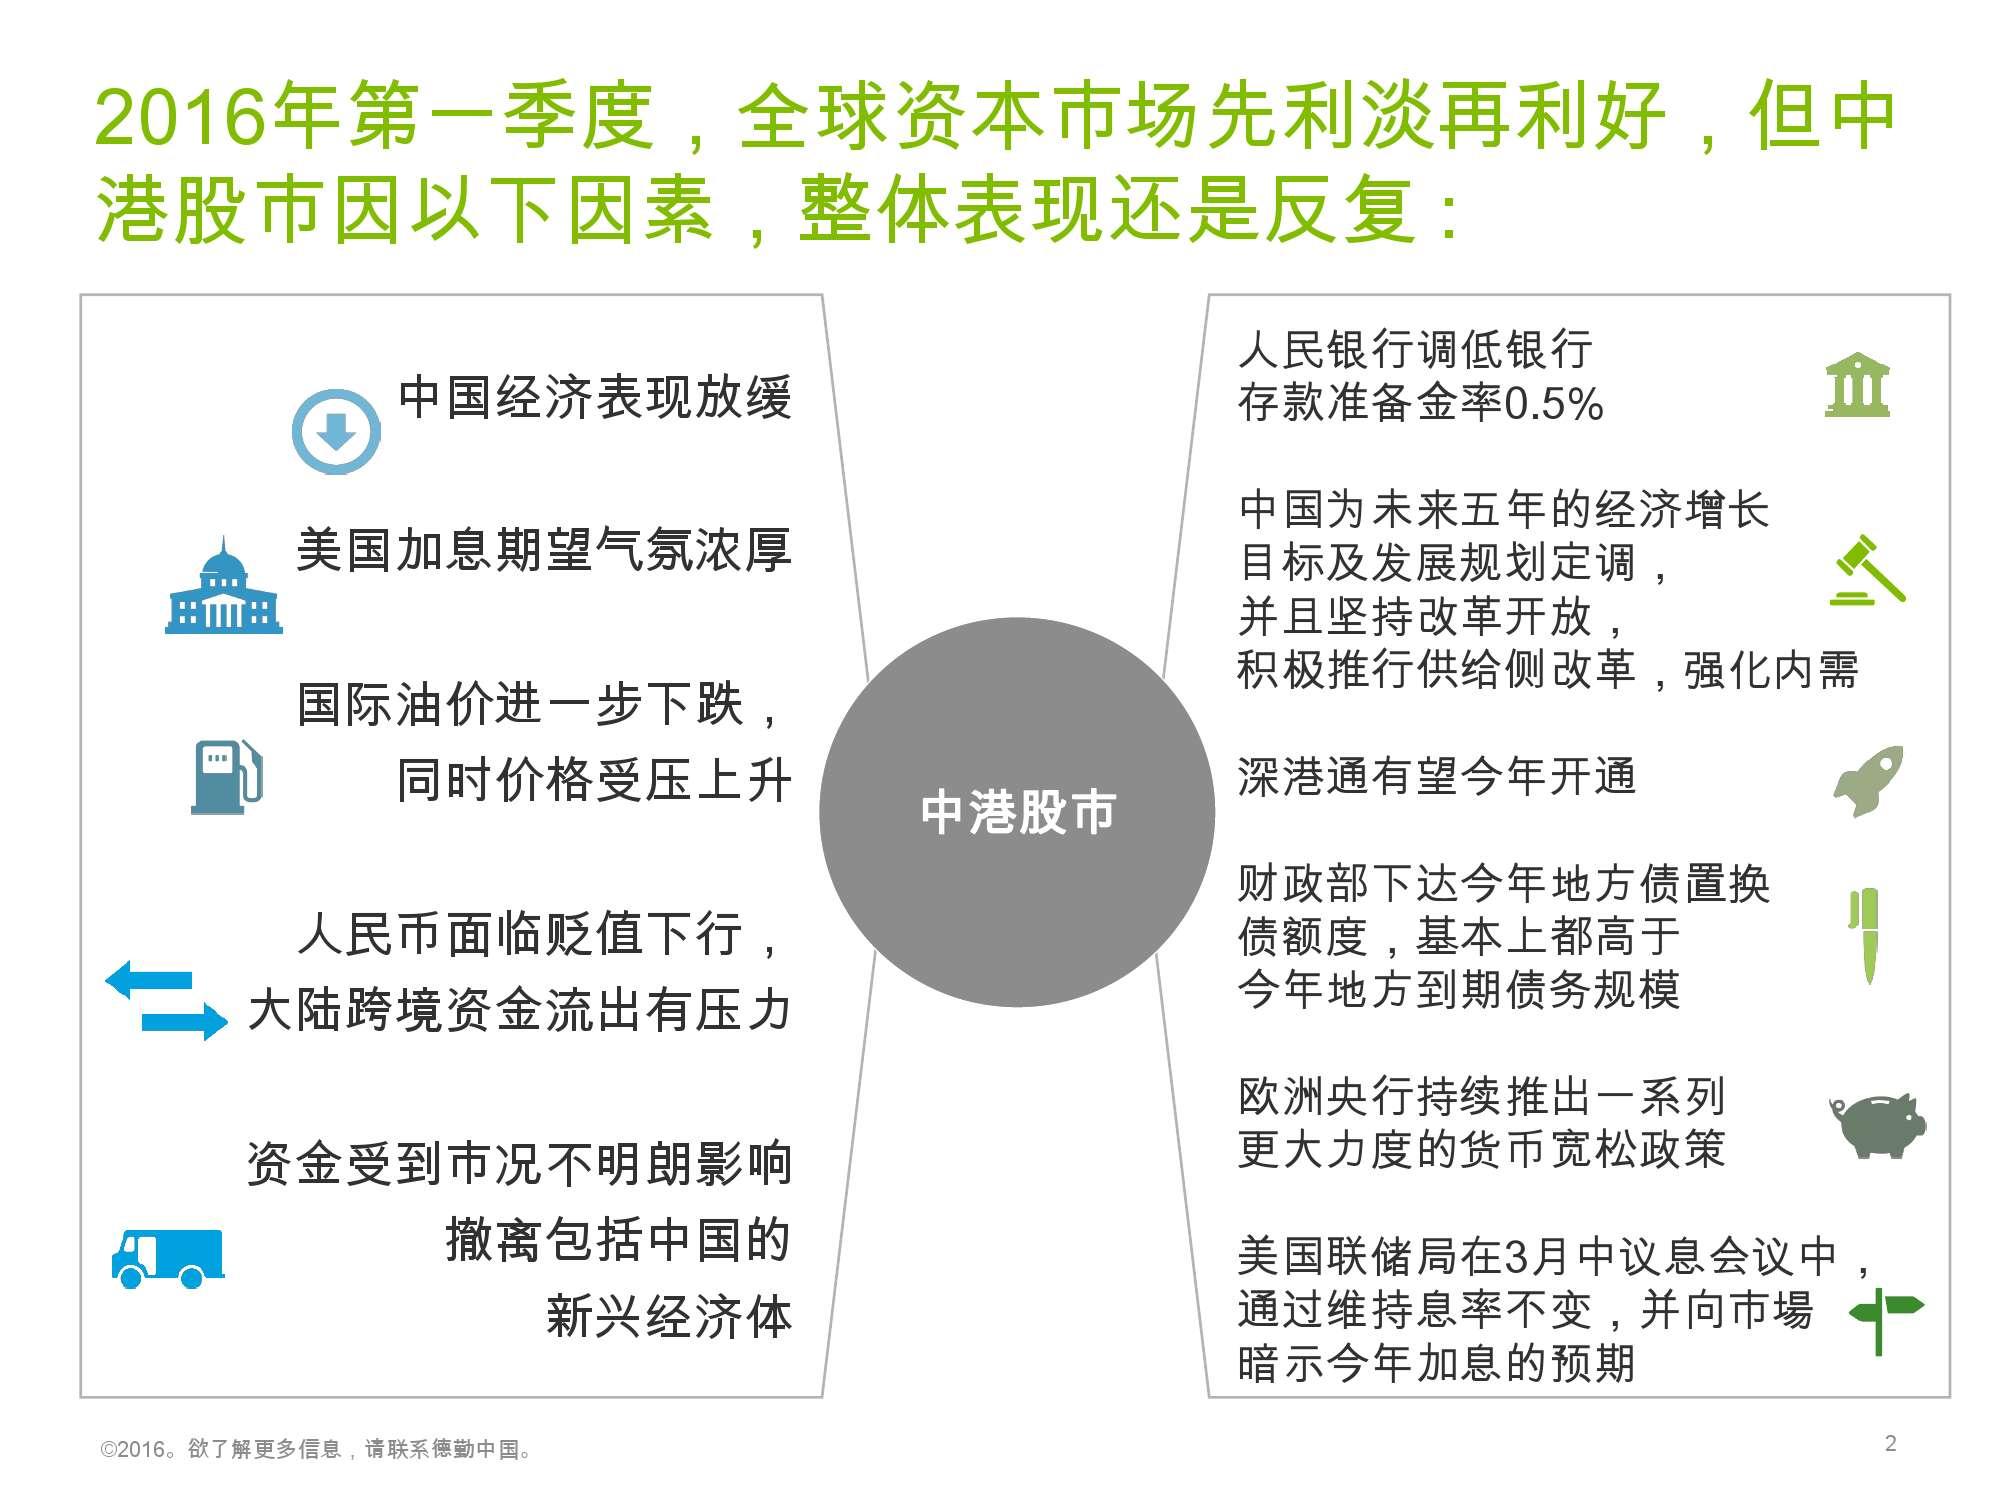 香港及中国大陆IPO市场2016年1季度_000002